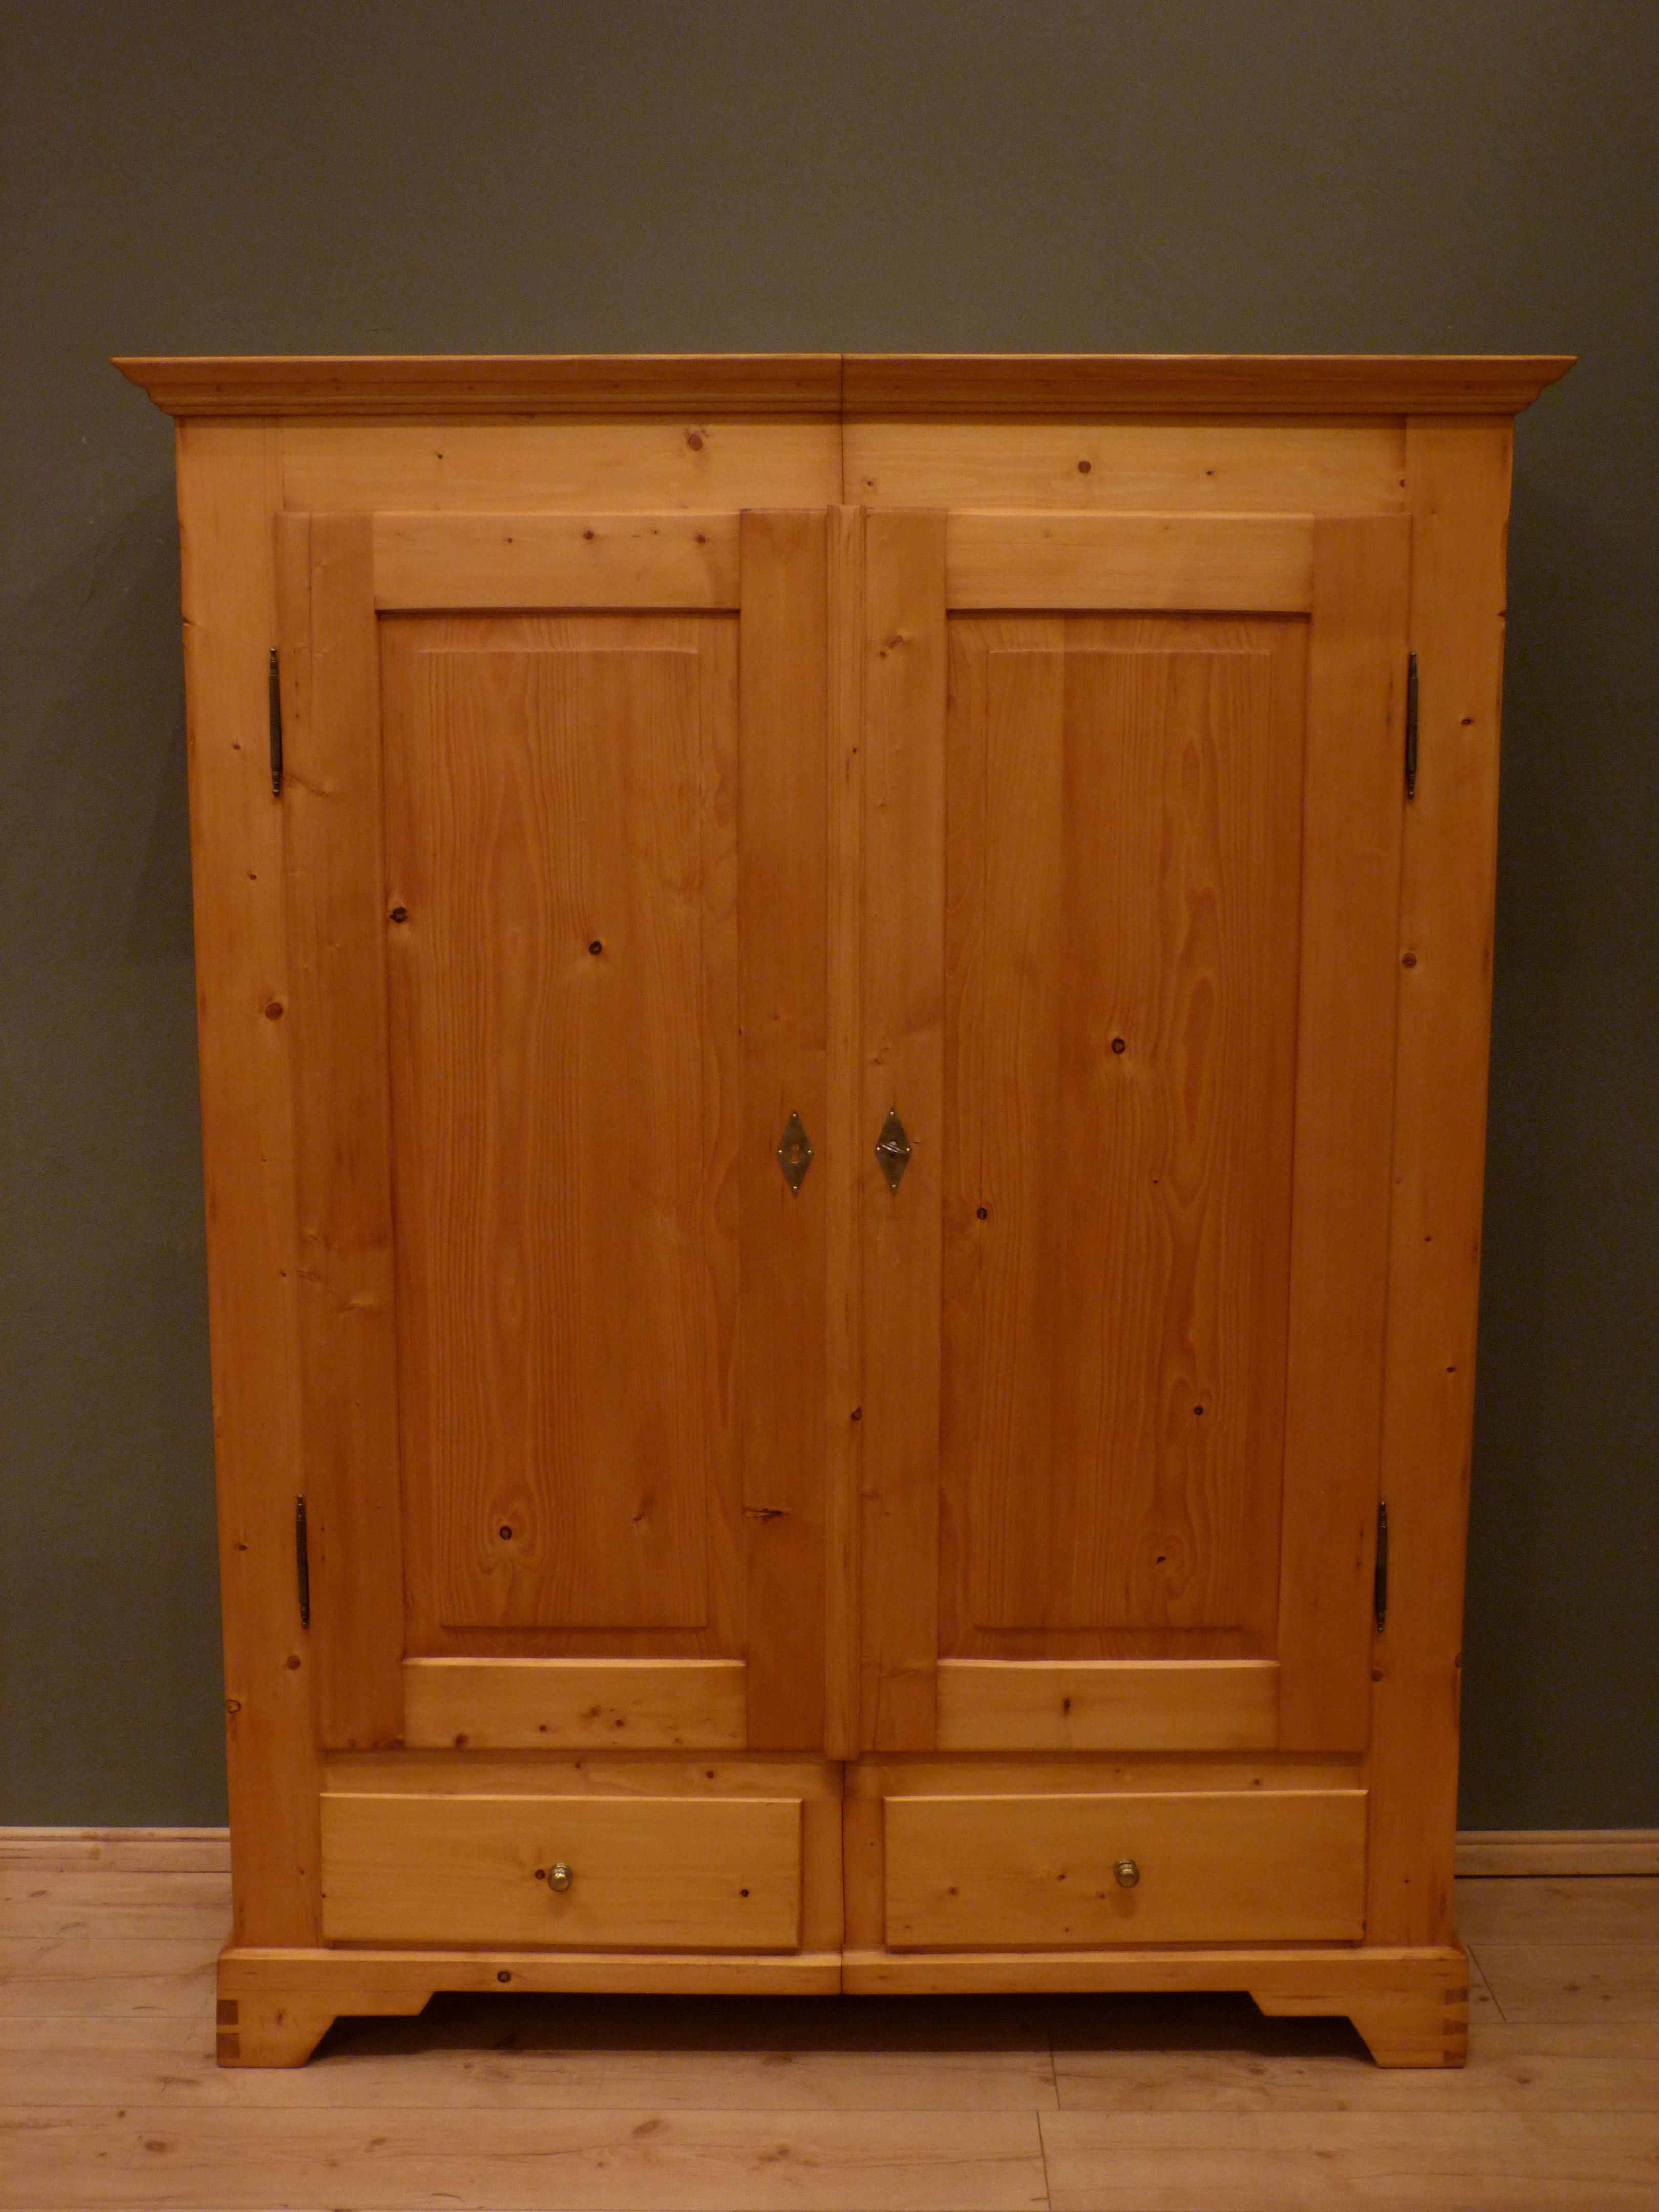 jugendstil spaltschrank fichte um 1910 antike m bel. Black Bedroom Furniture Sets. Home Design Ideas